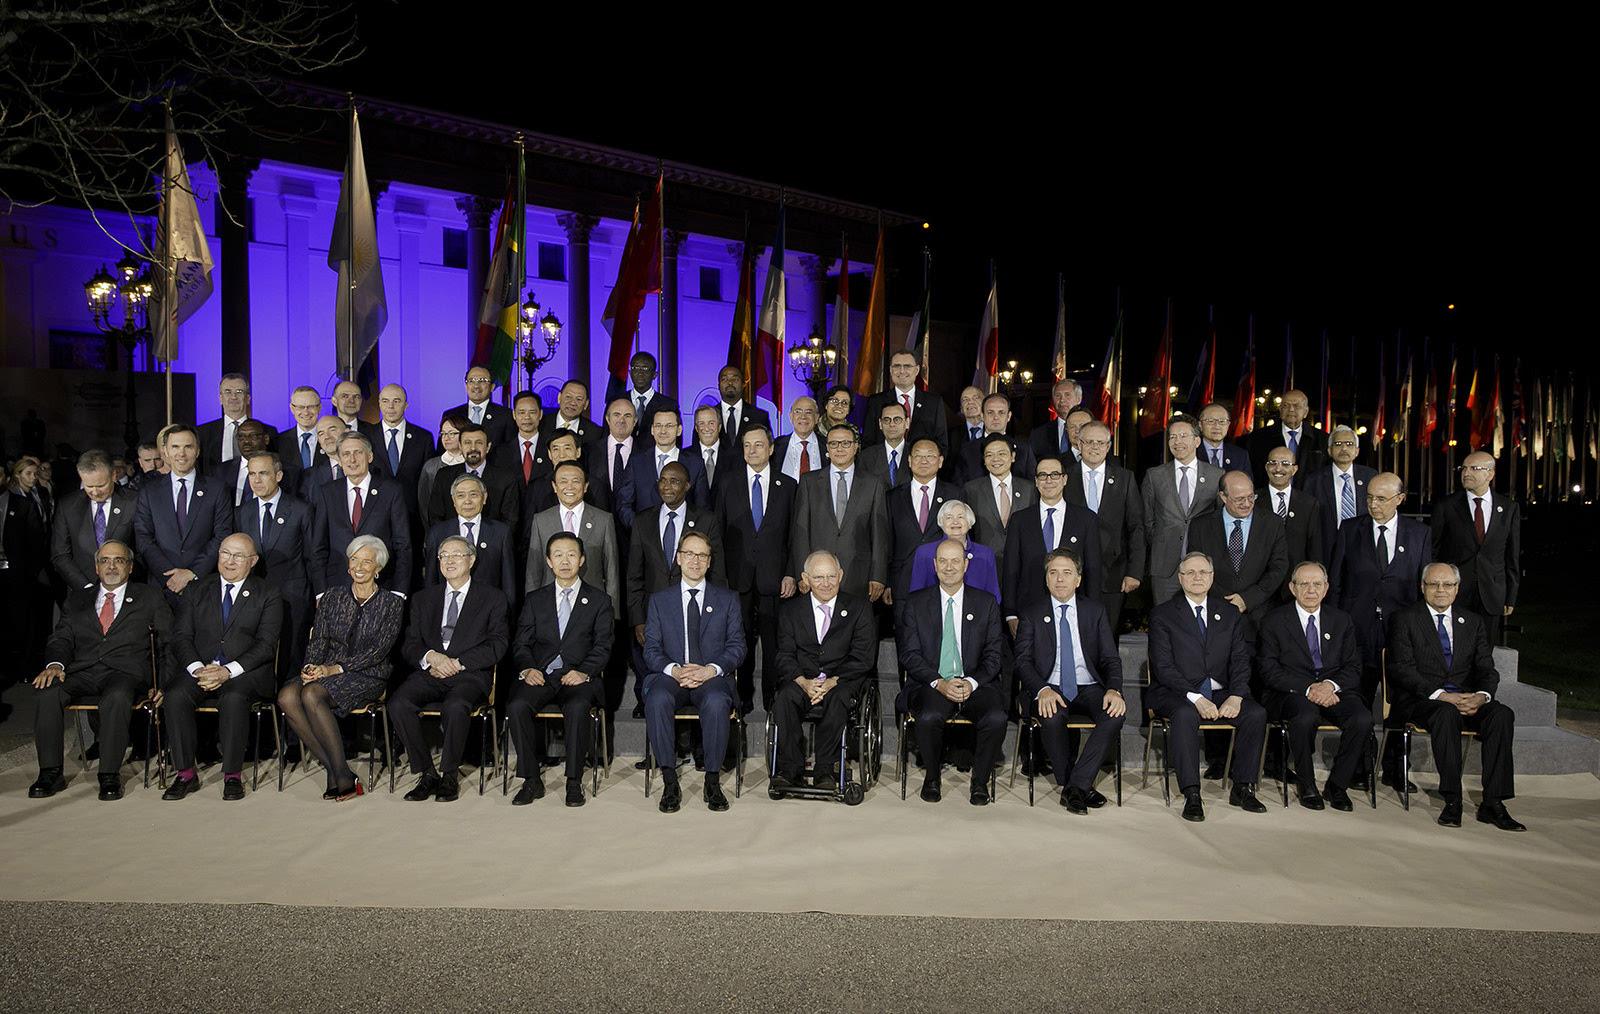 G20财长?#33073;?#34892;行长会在德国闭幕中国呼吁反对保护主义